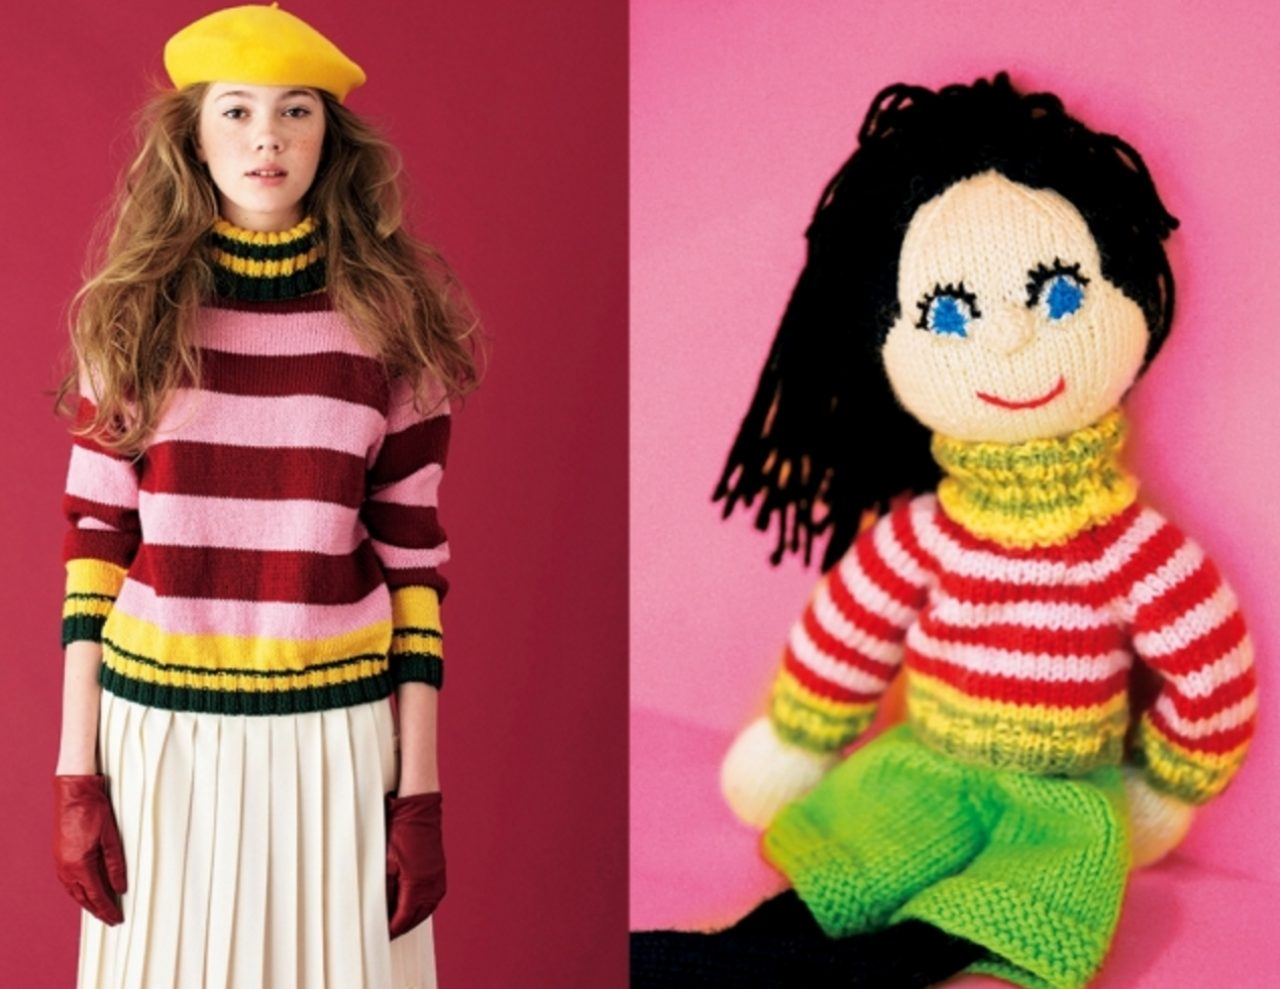 画像: 「ストライプ」 「パピータ(写真右)が来ているセーターの色は僕たちがパリで見つけた昆虫標本集にある昆虫の足の色なんだ(笑)。僕たちはセーターをデザインする時、まず人形用に作ってみることにしている。小さいから簡単に作れるし、無駄がない。今回、僕たちの人形用のセーターがこんなにかわいらしいセーターになった」